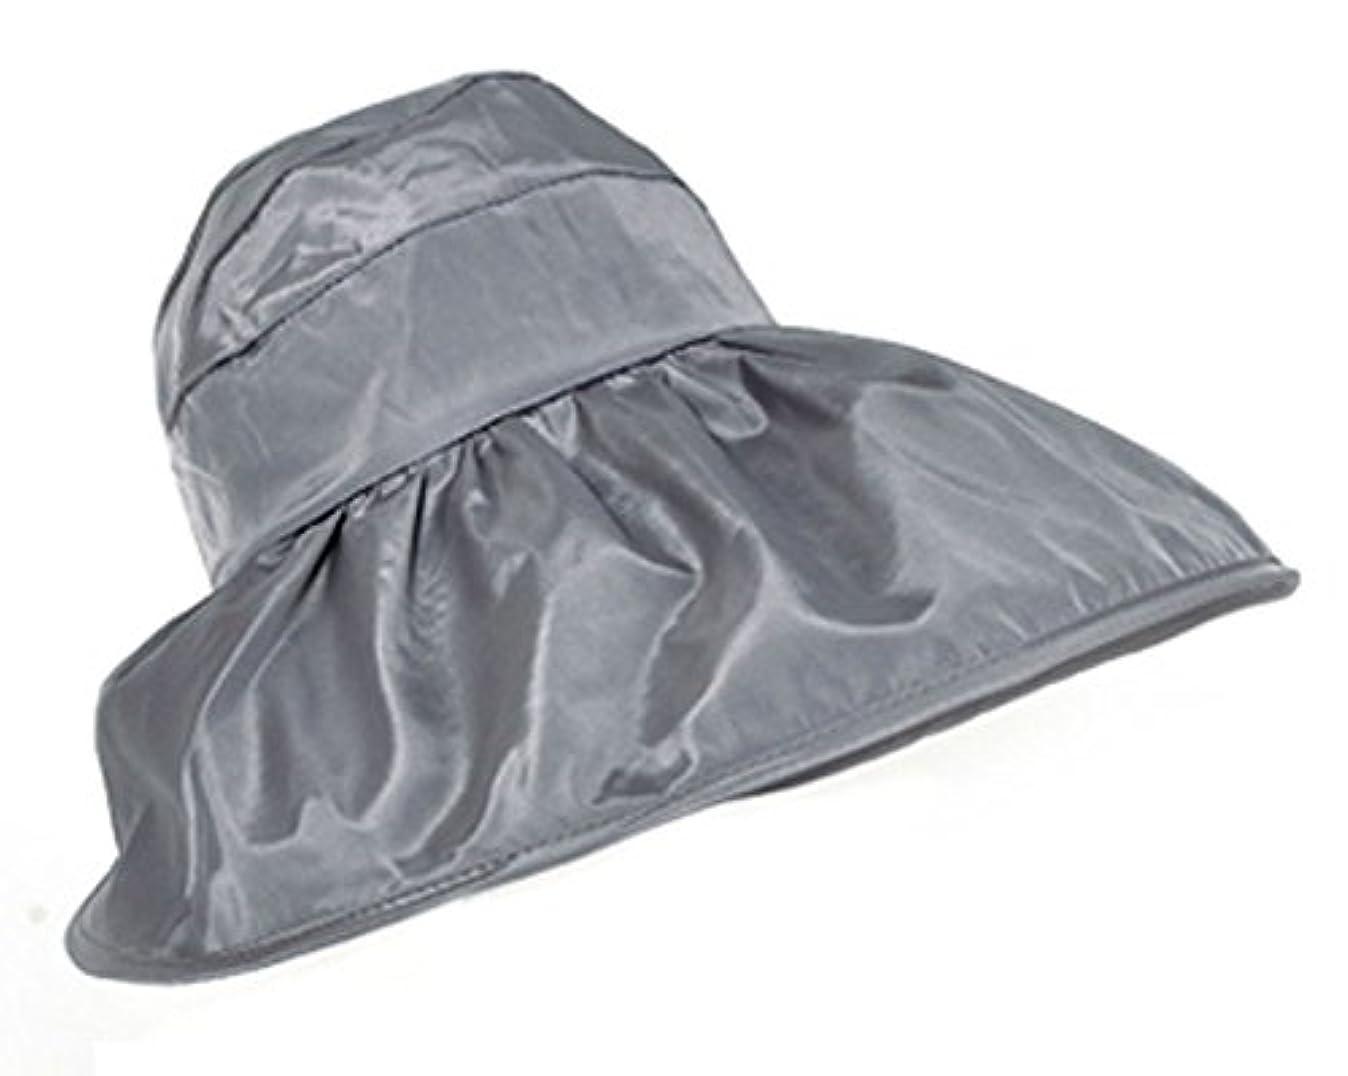 必要とするあいまい誕生日FakeFace 夏 レディース 帽子 UVカット サンバイザー 紫外線対策 日よけ帽子 つば広 オシャレ ケープ ハット 日よけ 折りたたみ 防水 カジュアル 海 農作業 ぼうし サイズ調節可